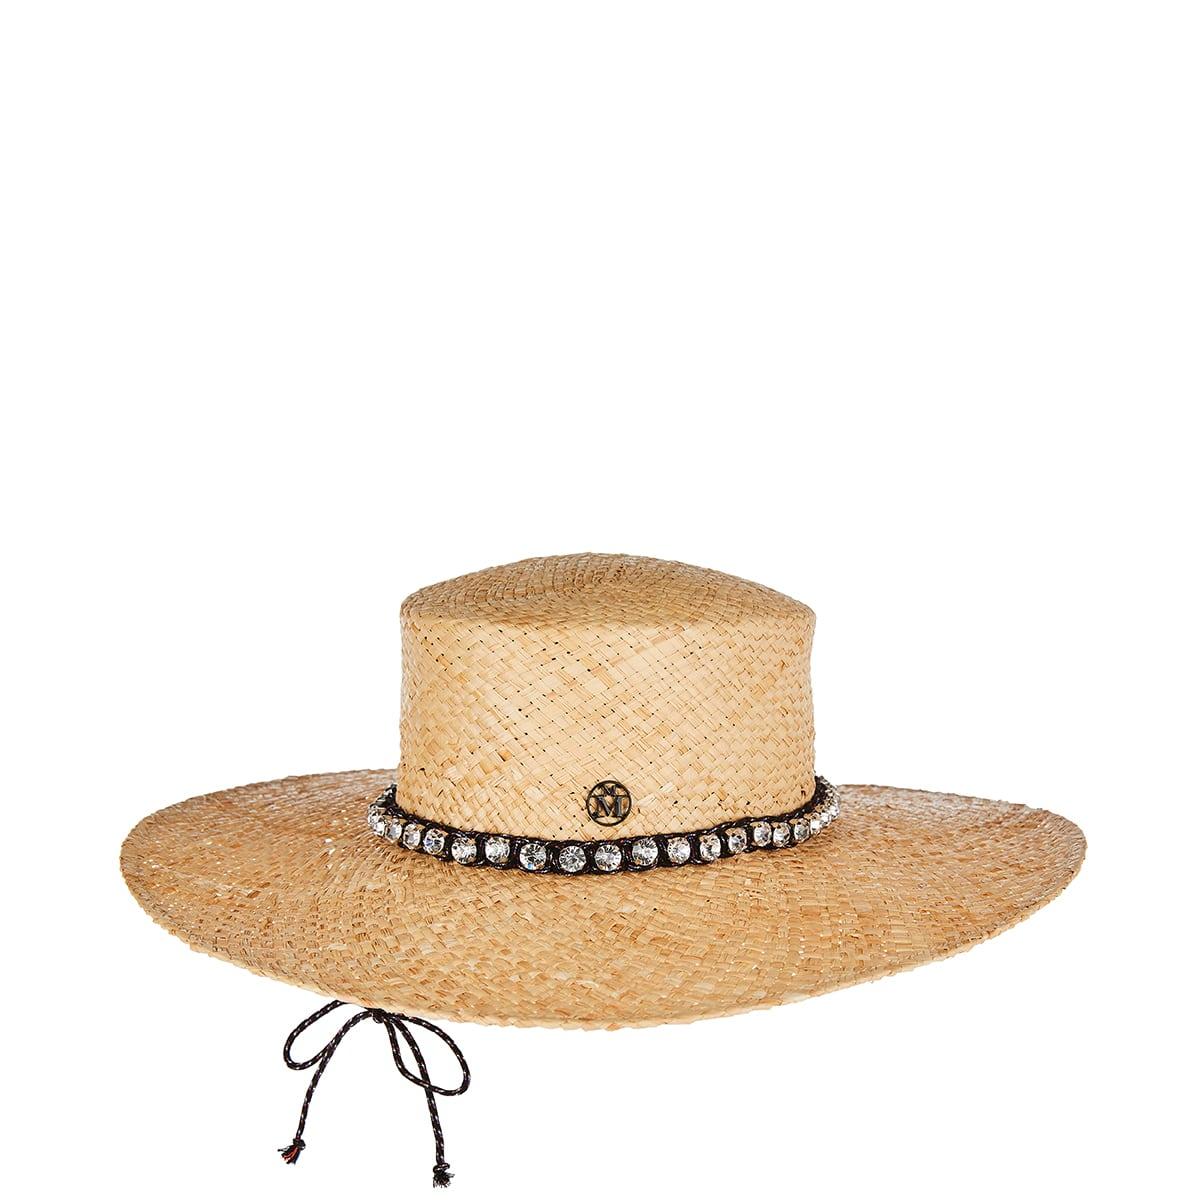 Lana crystal-embellished raffia hat